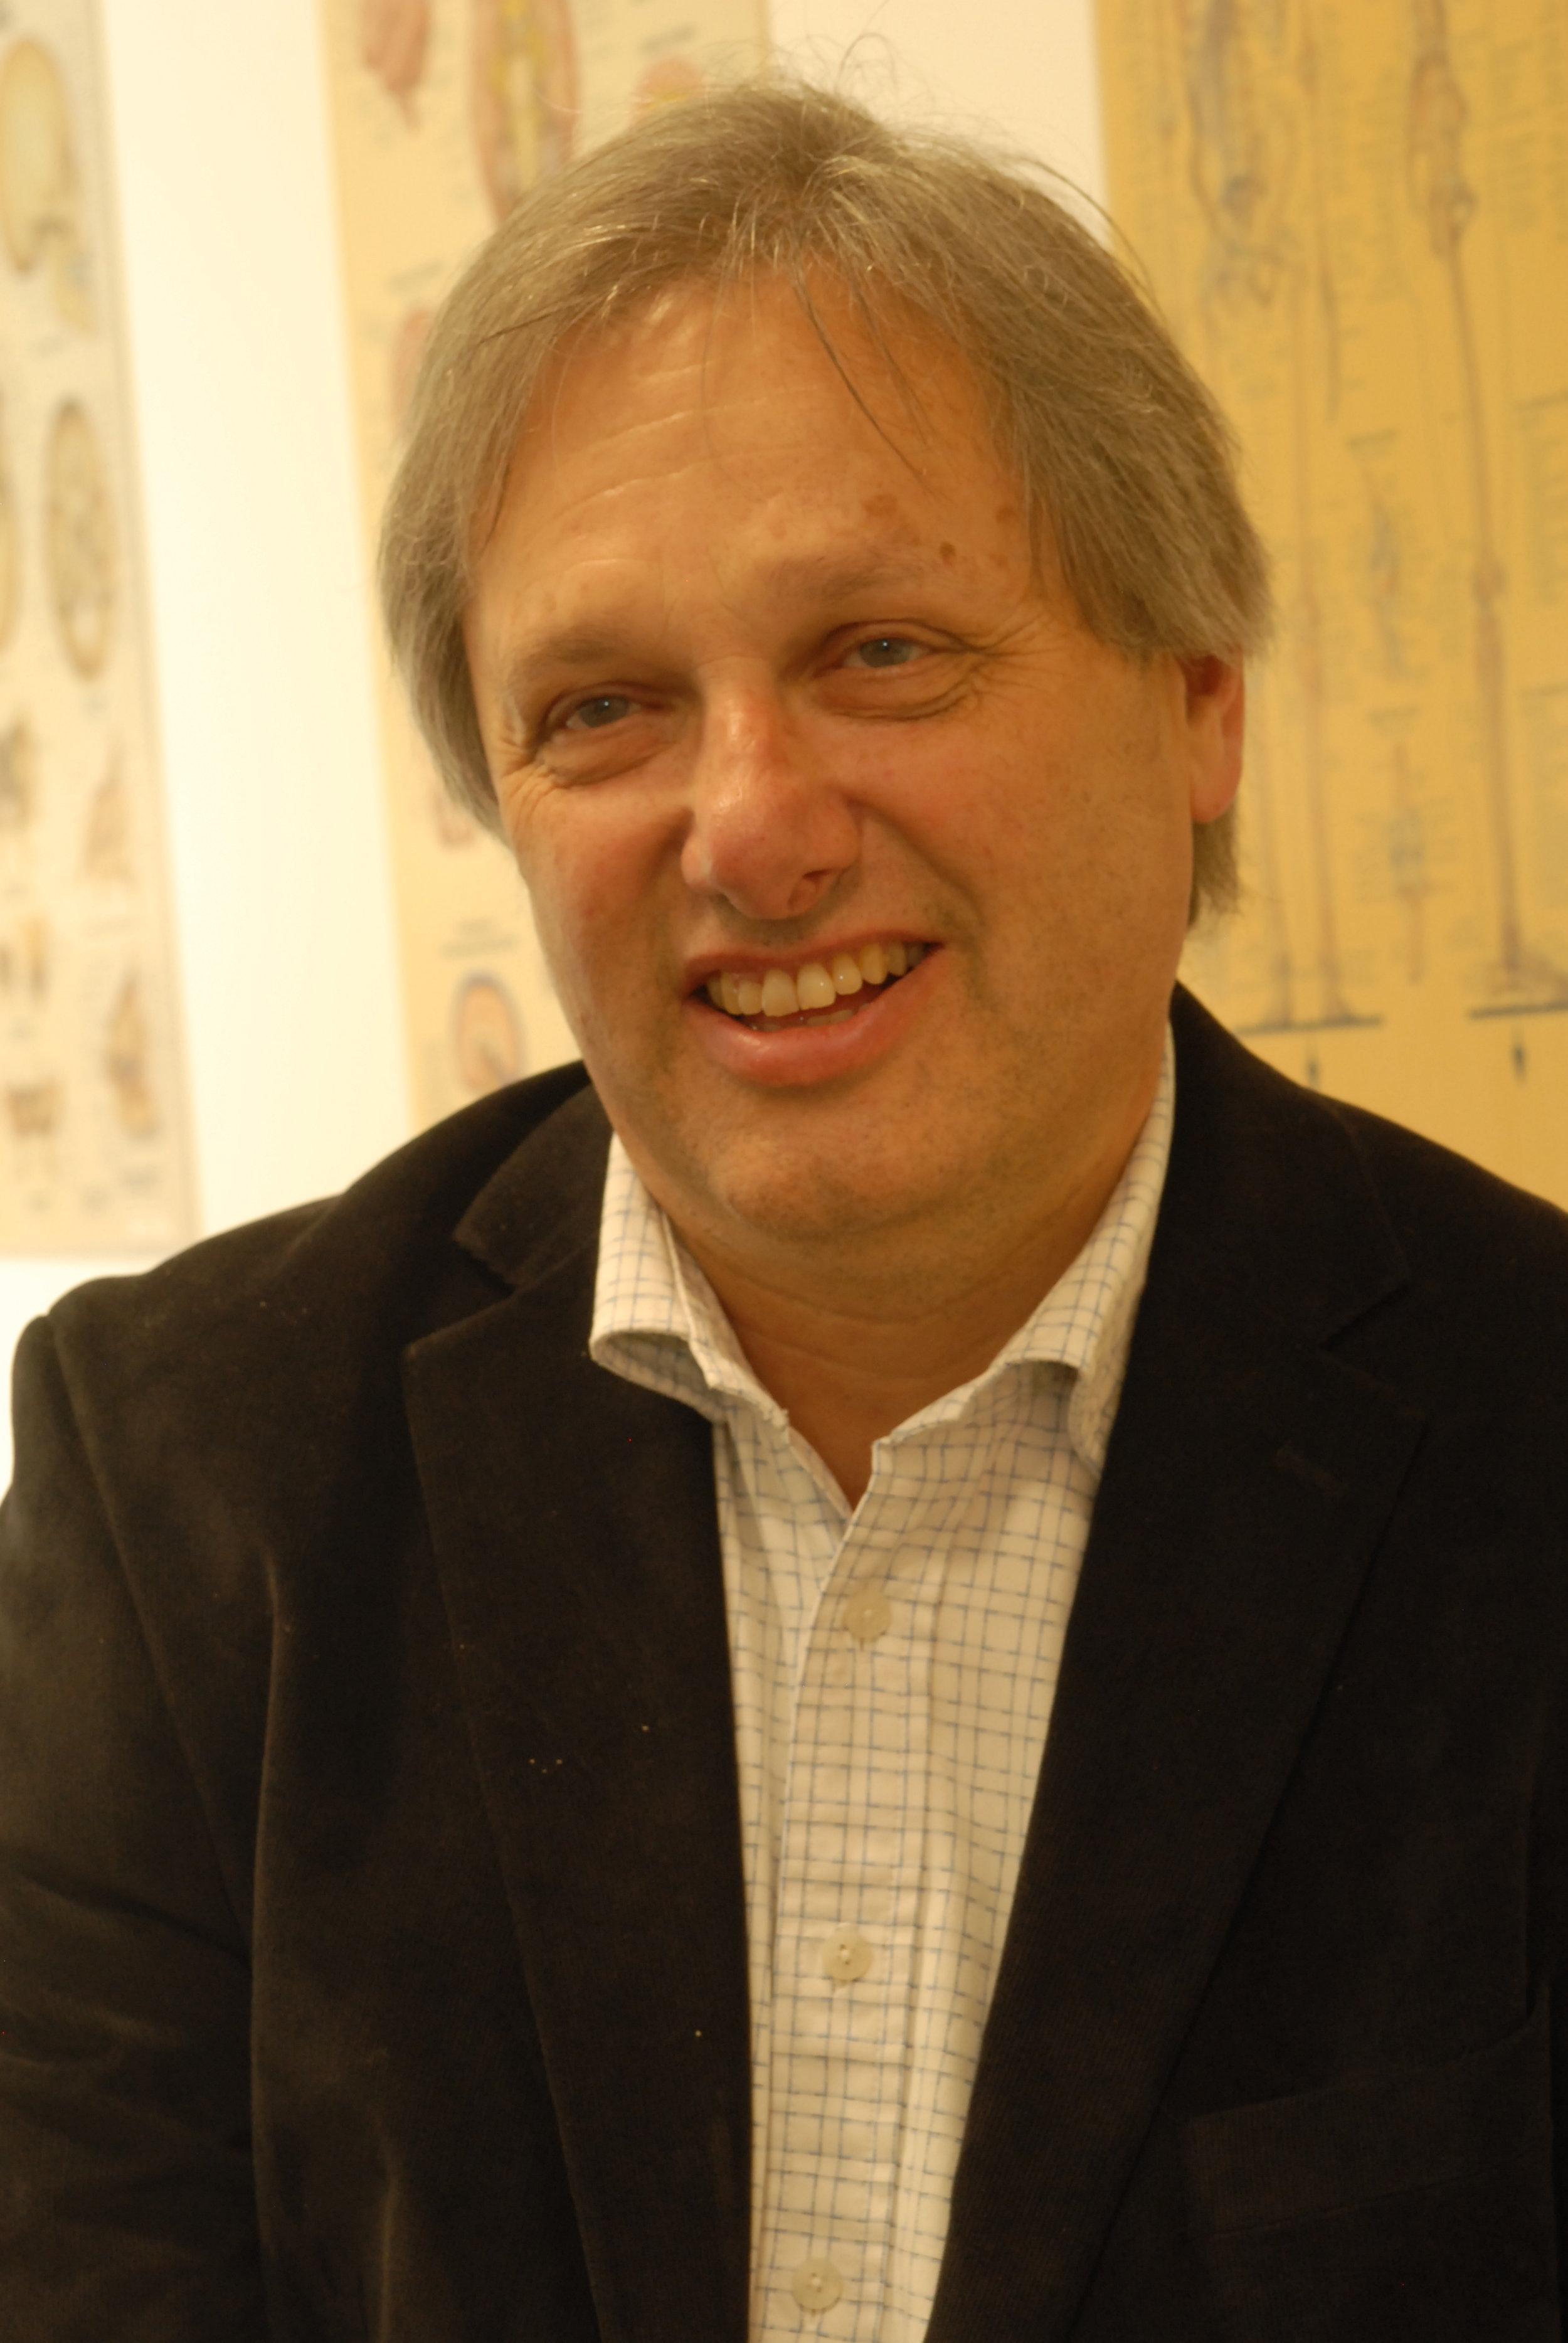 Thomas Gottlieb